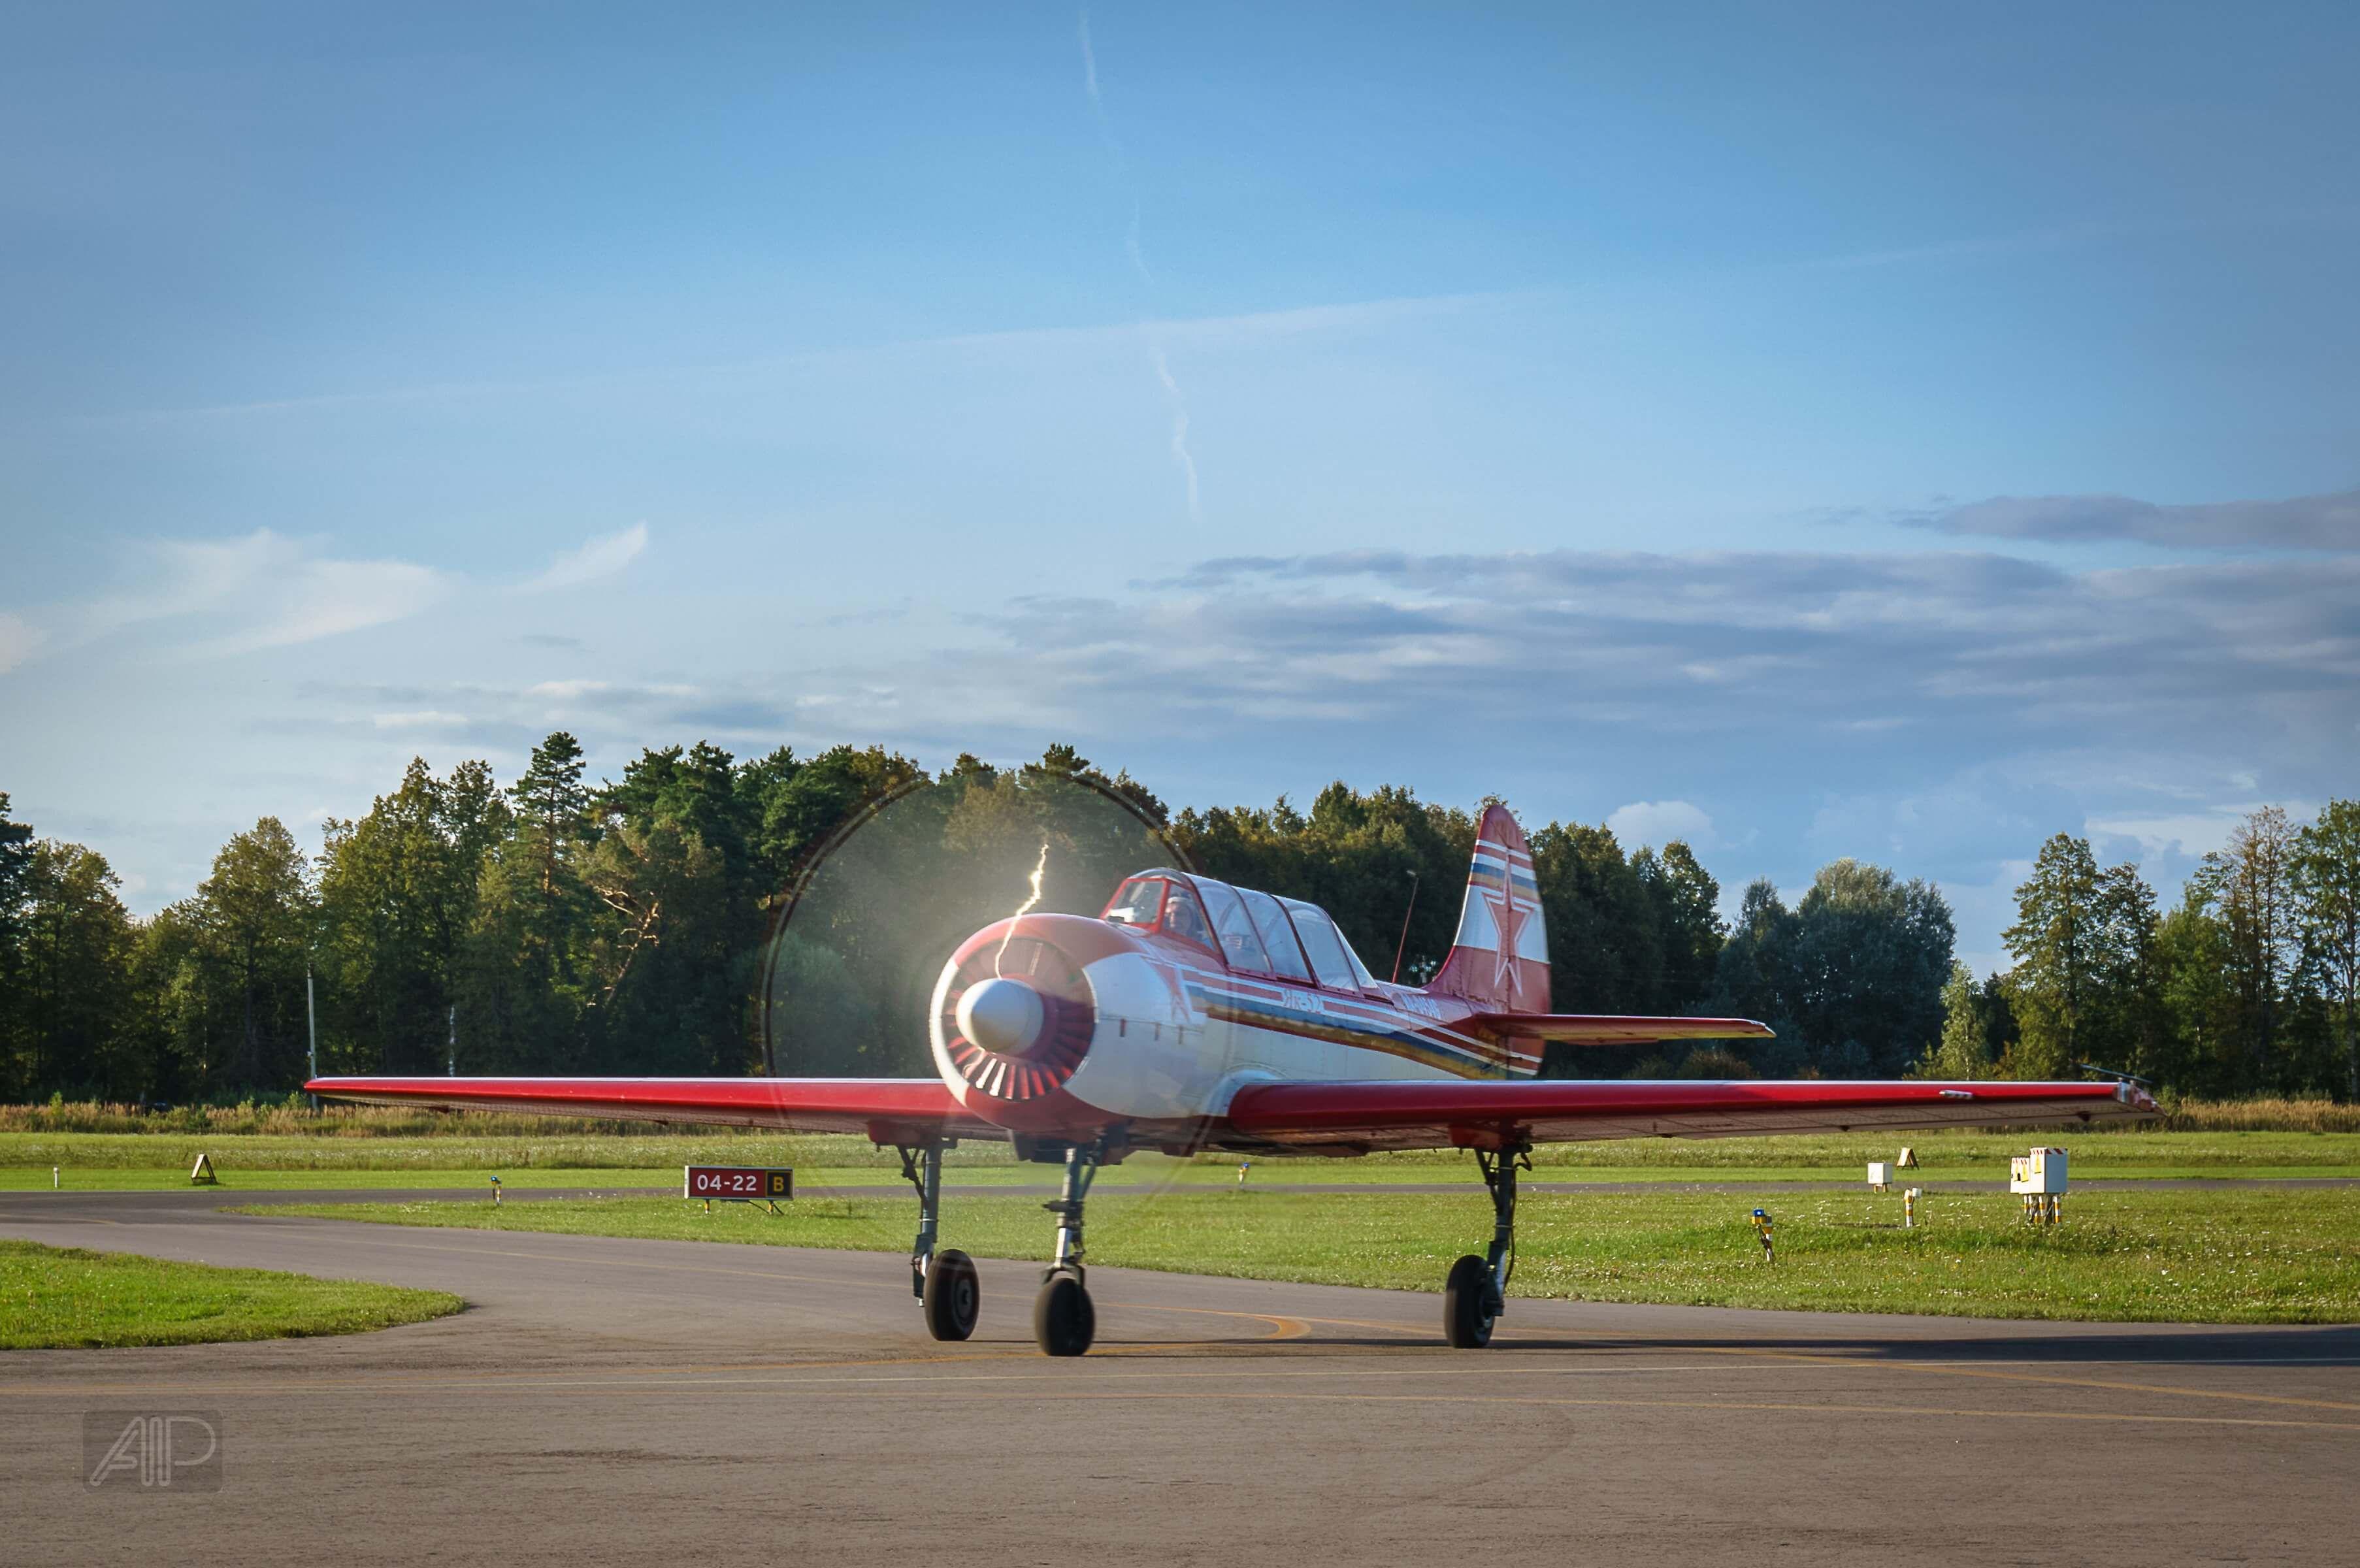 Полёт на самолёте по программе высшего пилотажа фото 1